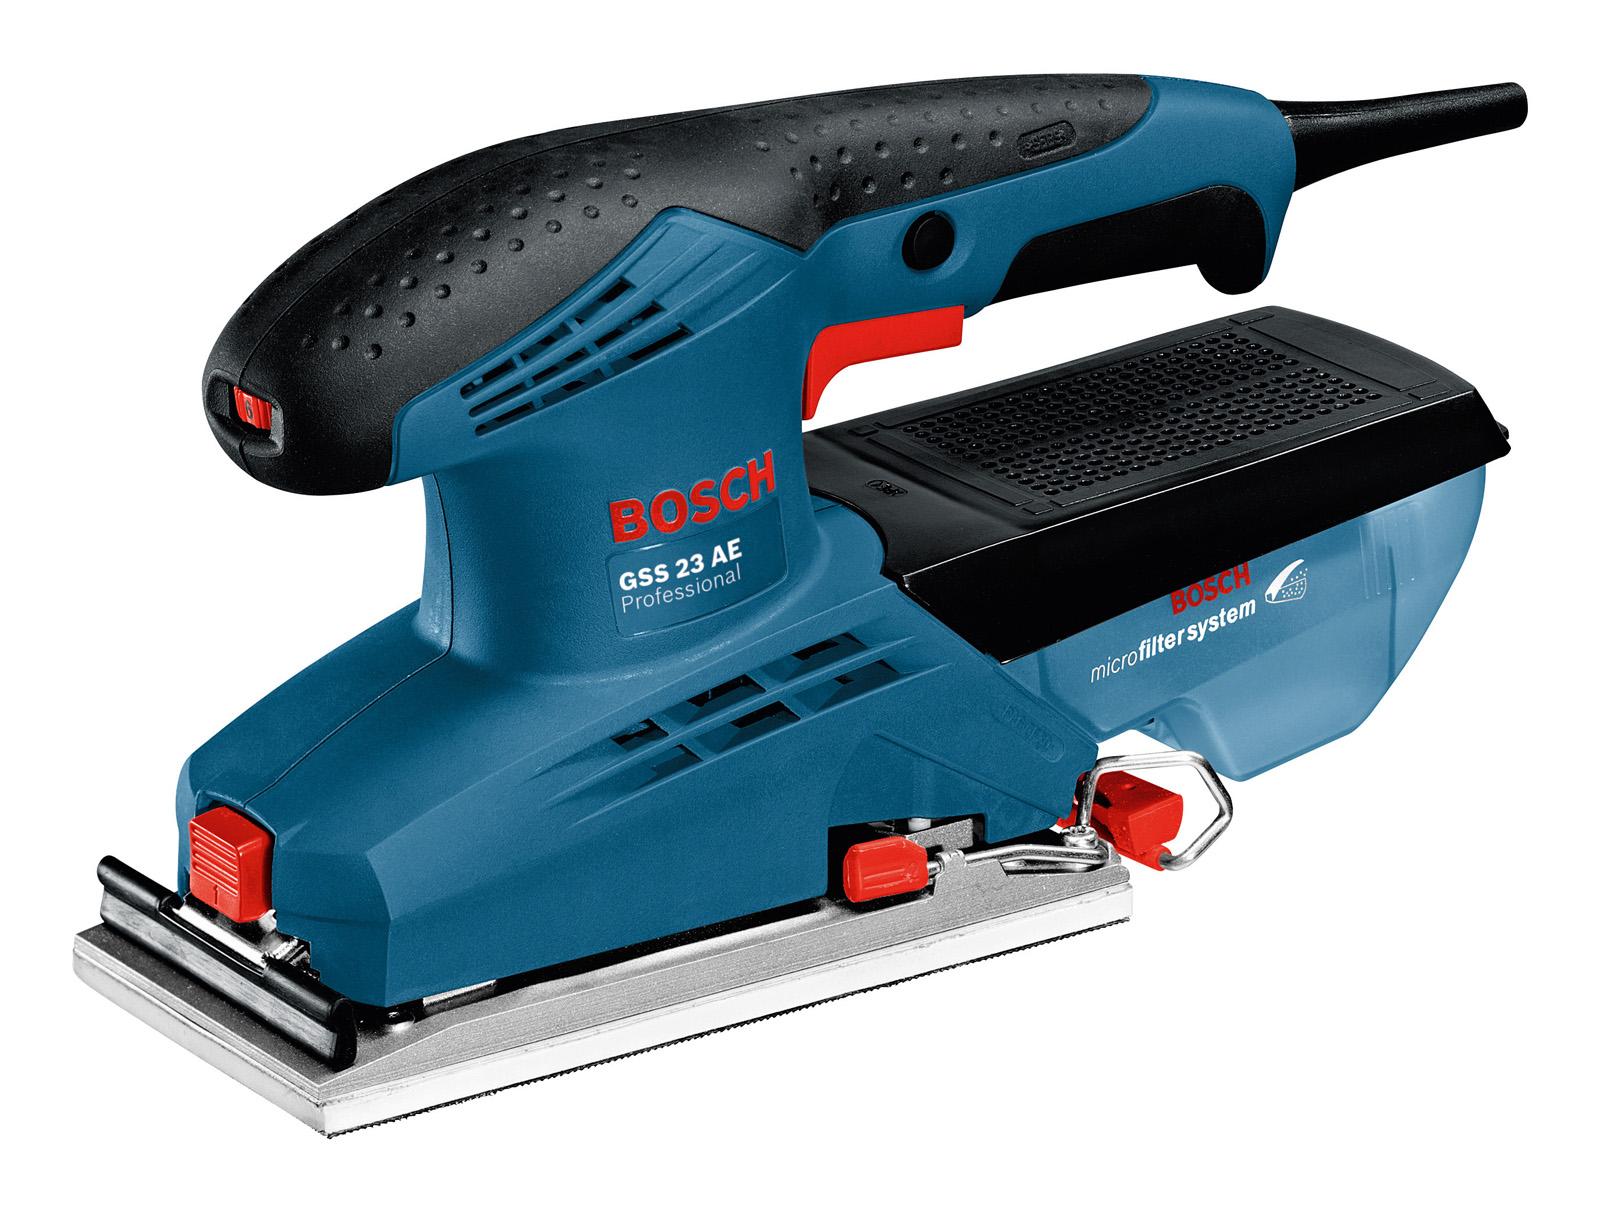 Машинка шлифовальная плоская (вибрационная) Bosch Gss 23 ae (0.601.070.721) виброшлифмашина bosch gss 23 a 0 601 070 400